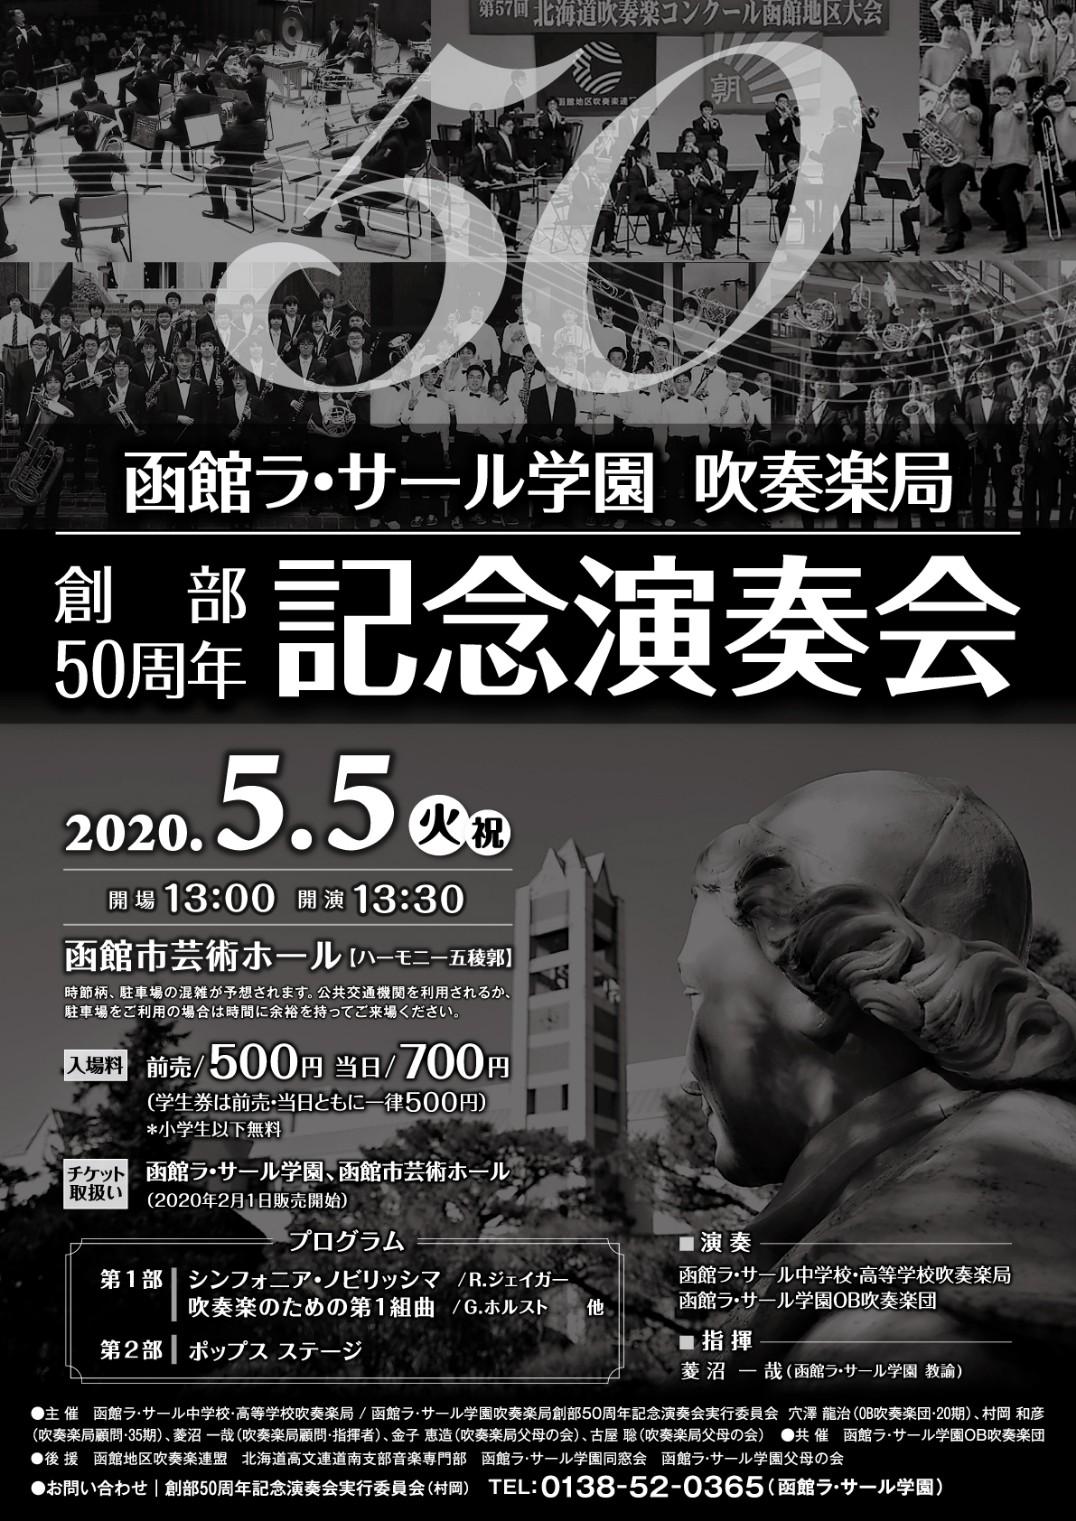 函館ラ・サール学園 吹奏楽局 創部50周年記念演奏会